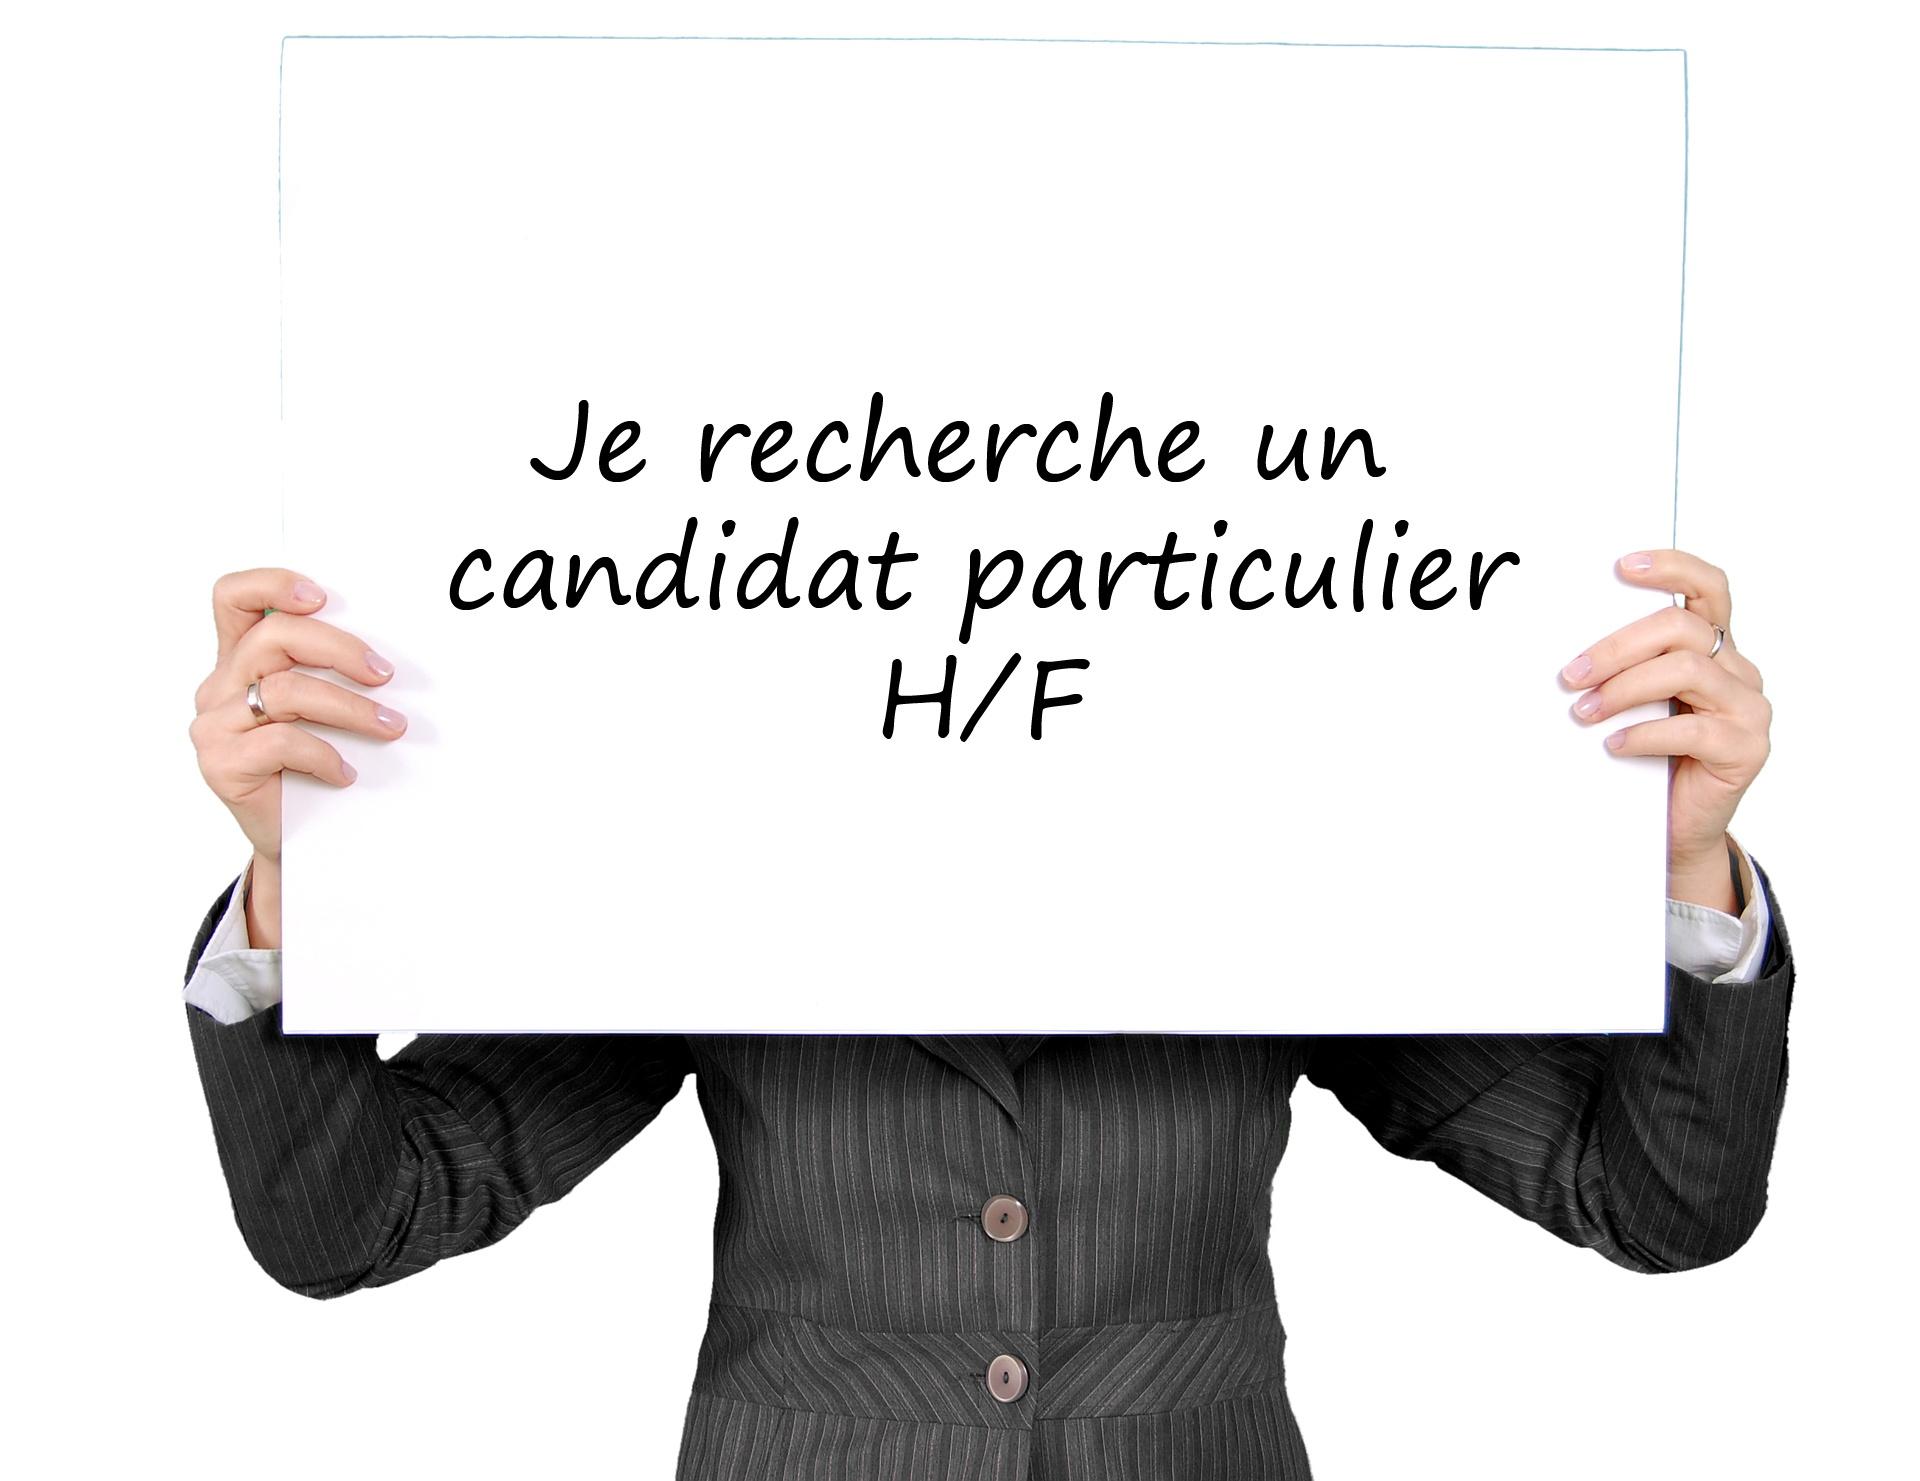 Annonce particulière cherche candidat particulier